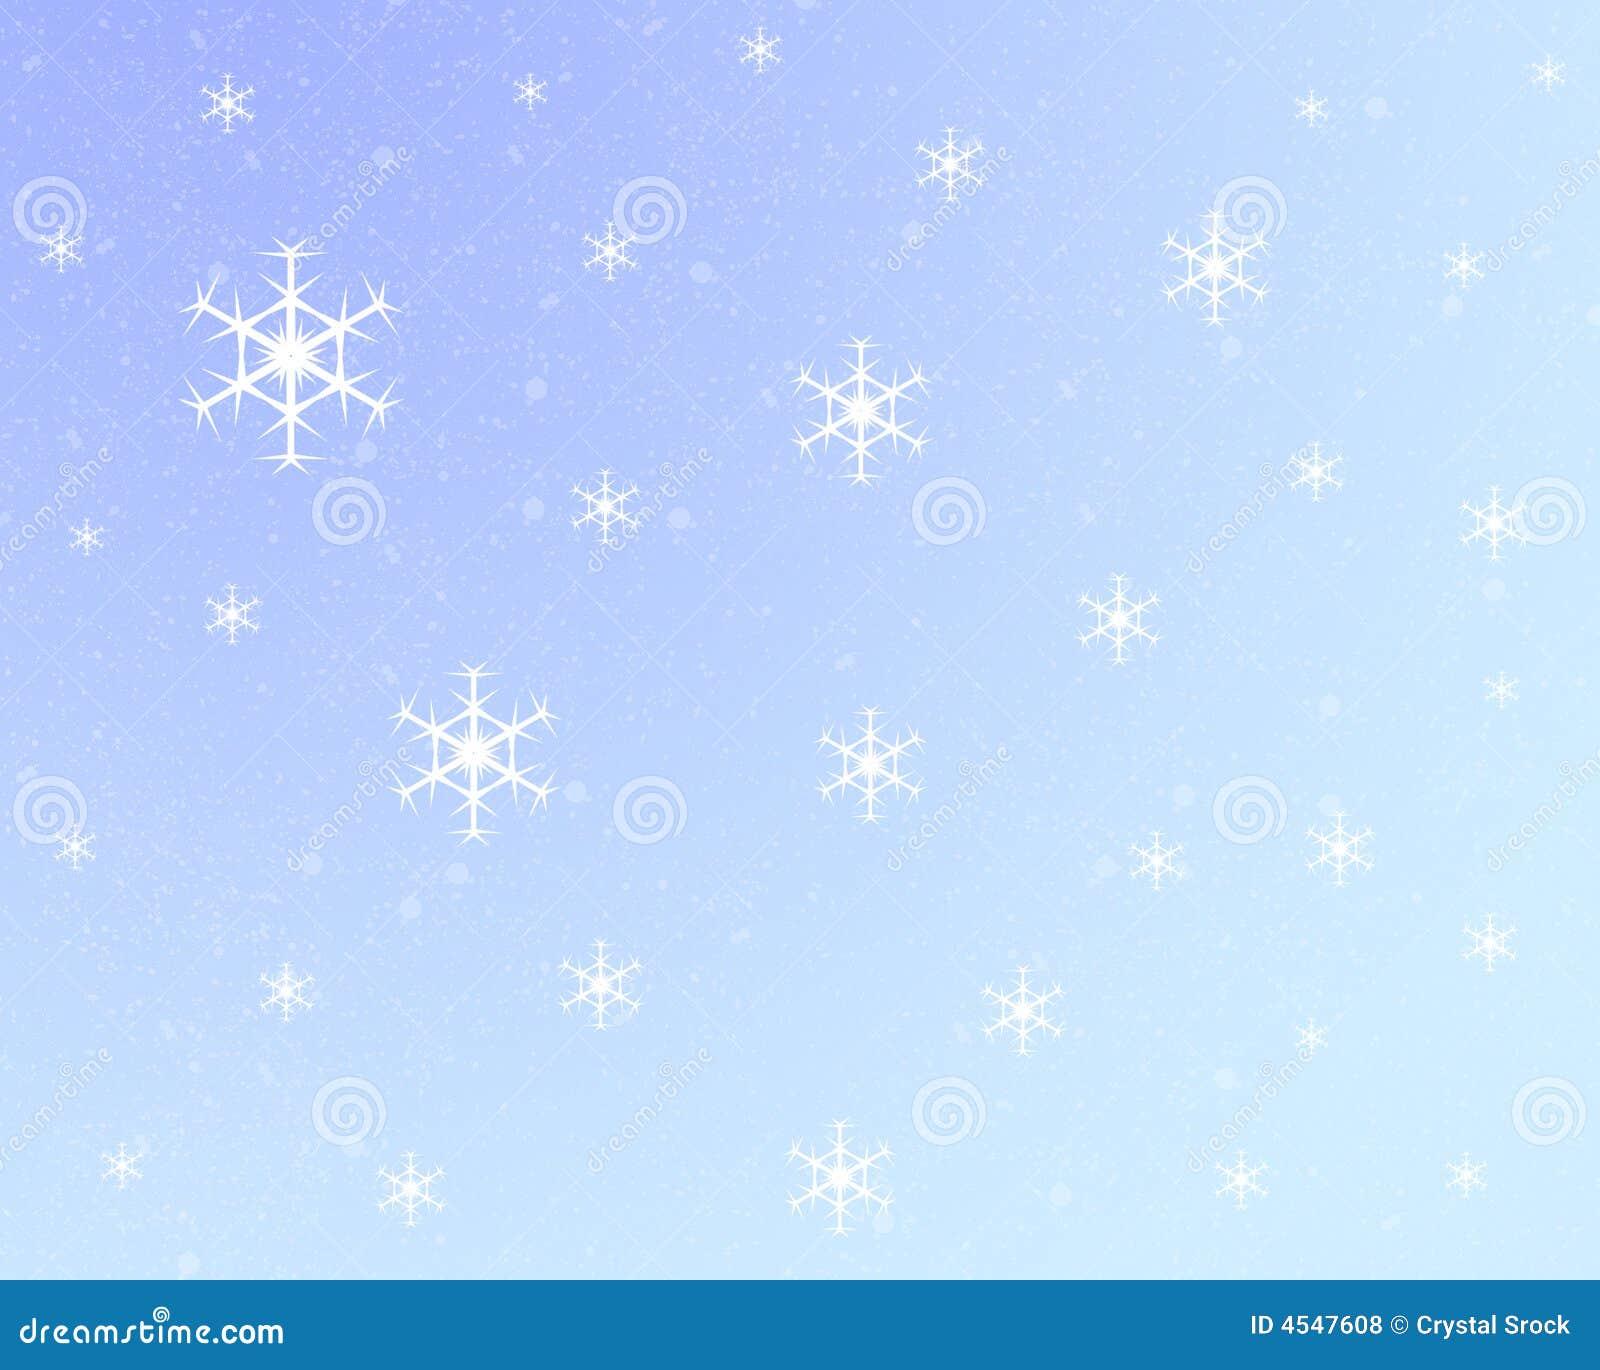 light blue snowflake background stock illustration image